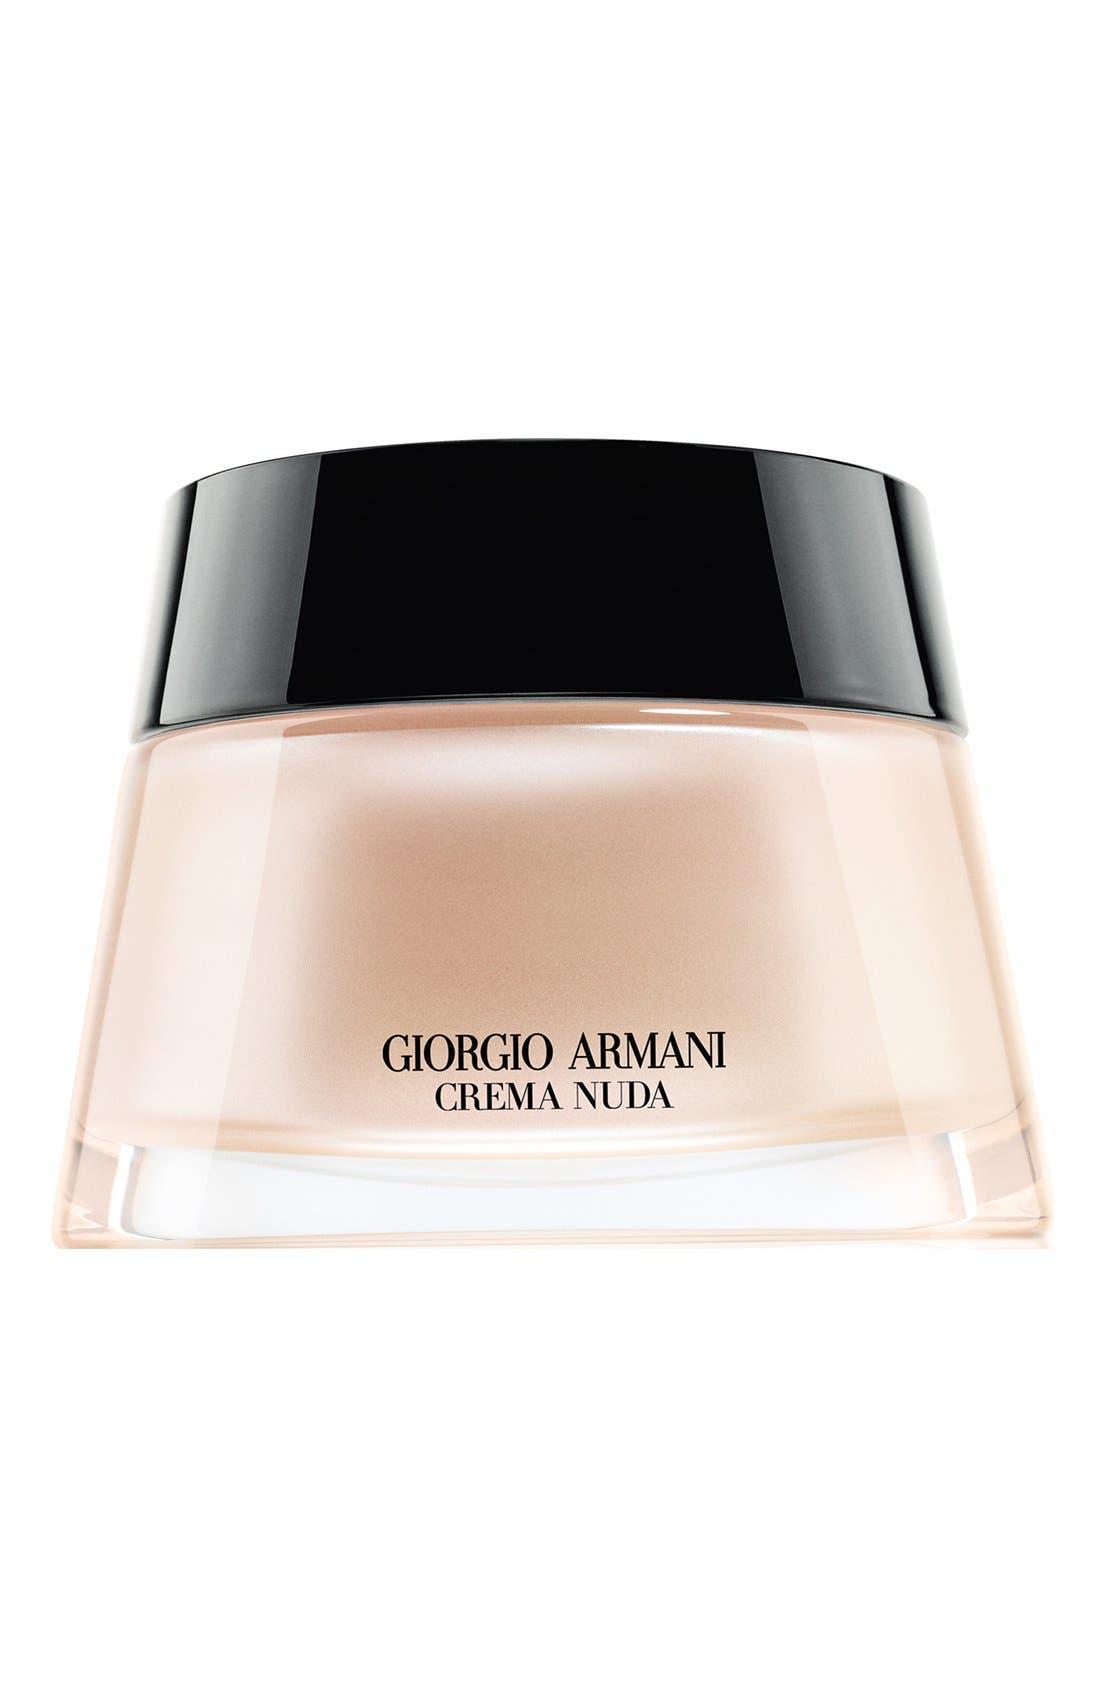 Giorgio Armani 'Crema Nuda' Tinted Cream